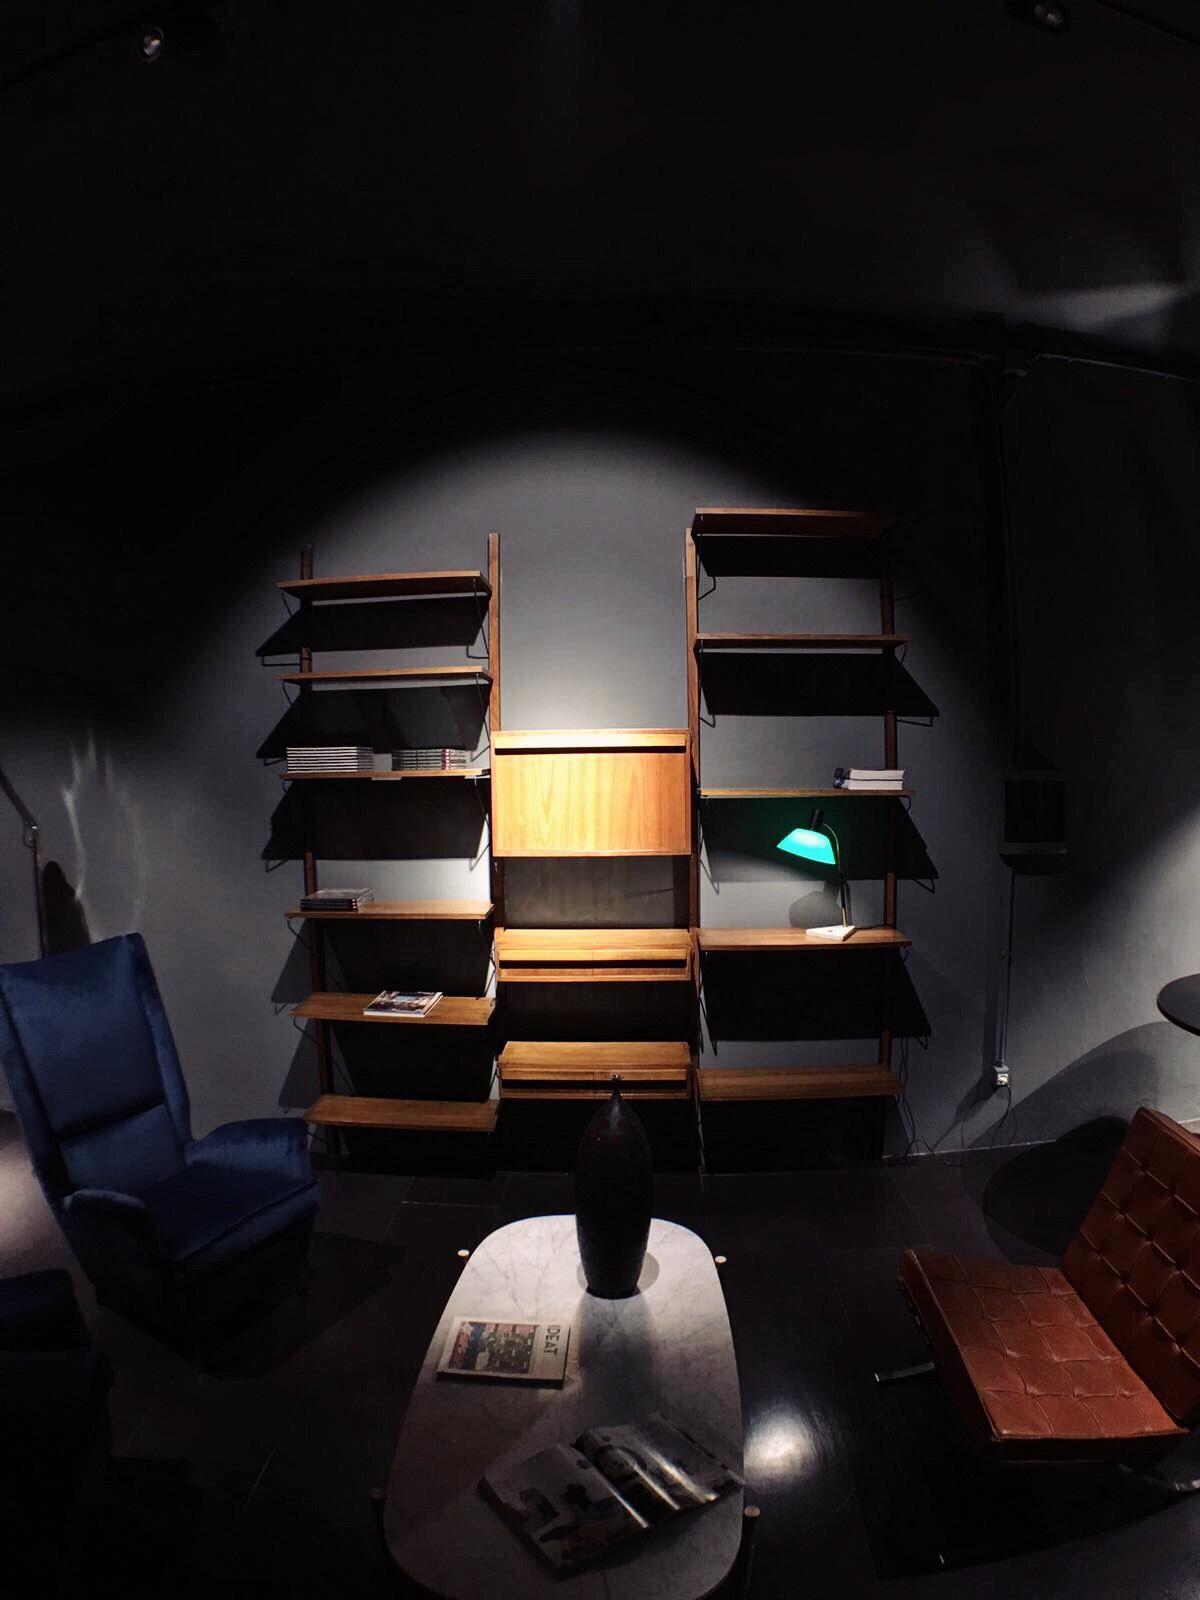 libreria a muro in legno 4